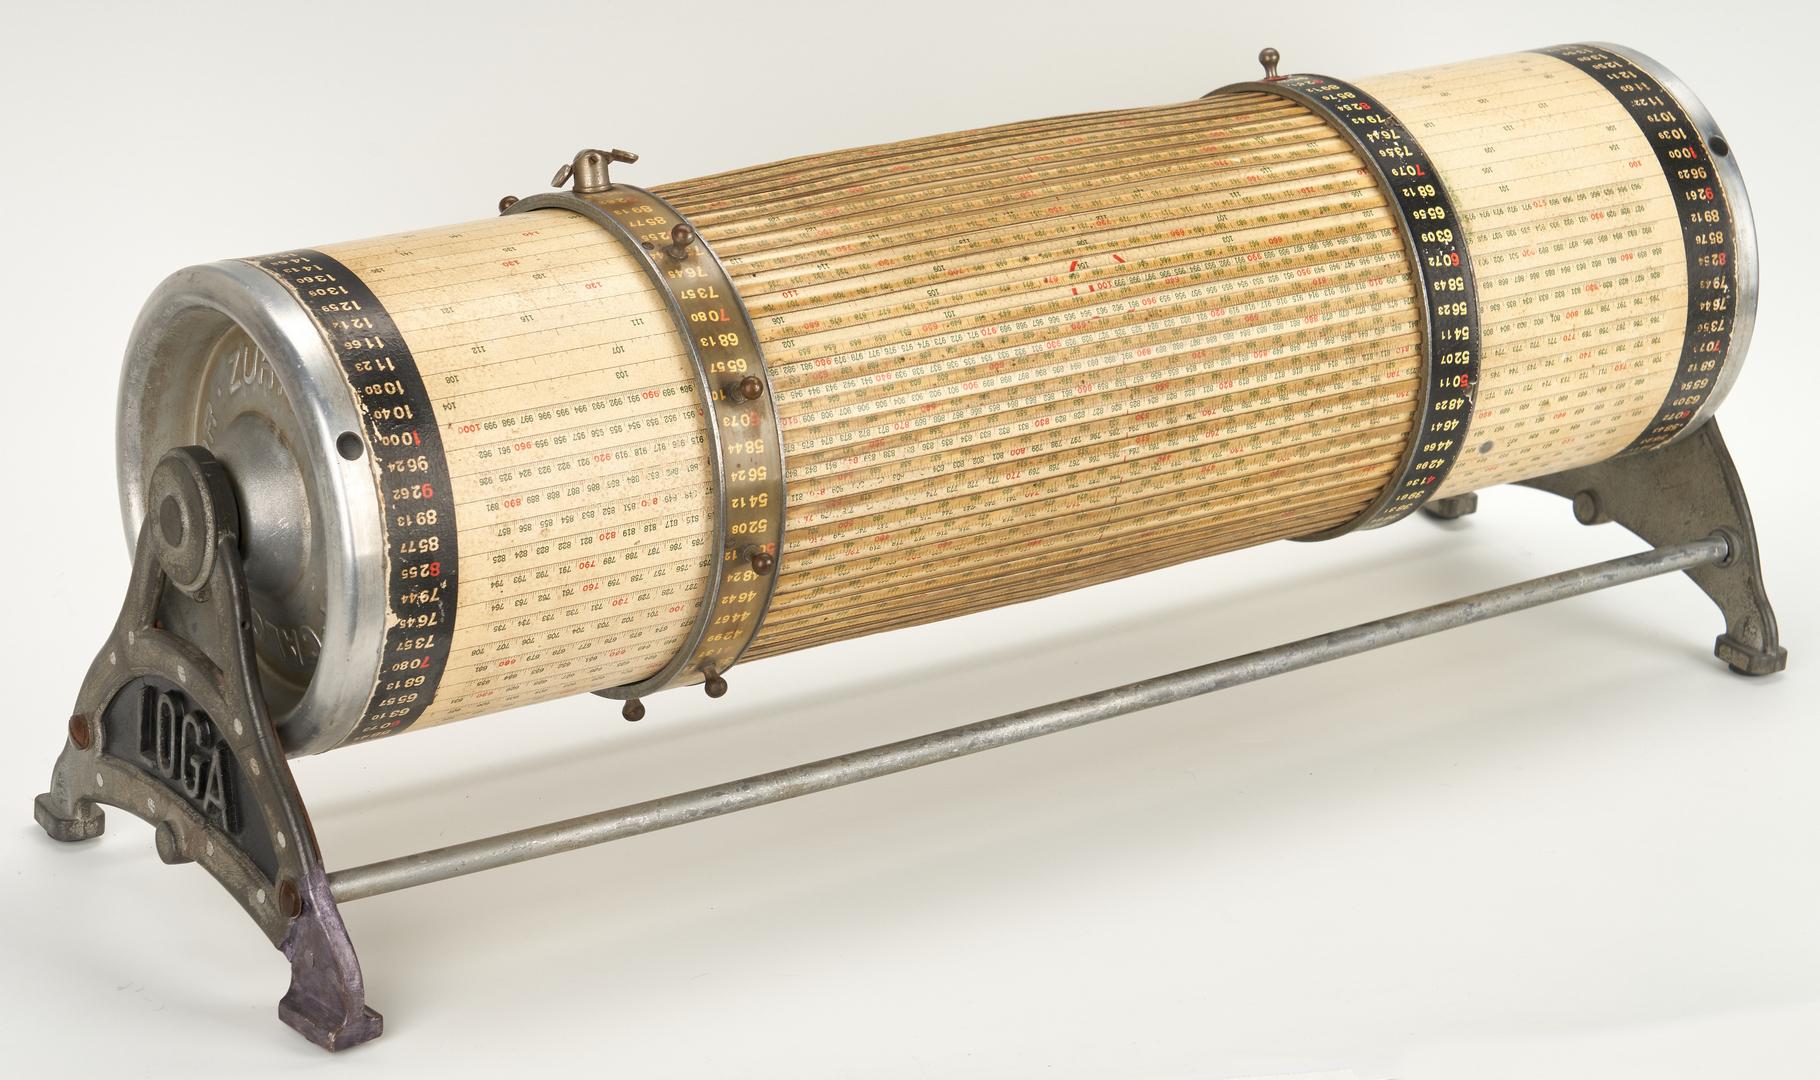 Lot 976: 2 Swiss Rechenwalzen Calculating Drums